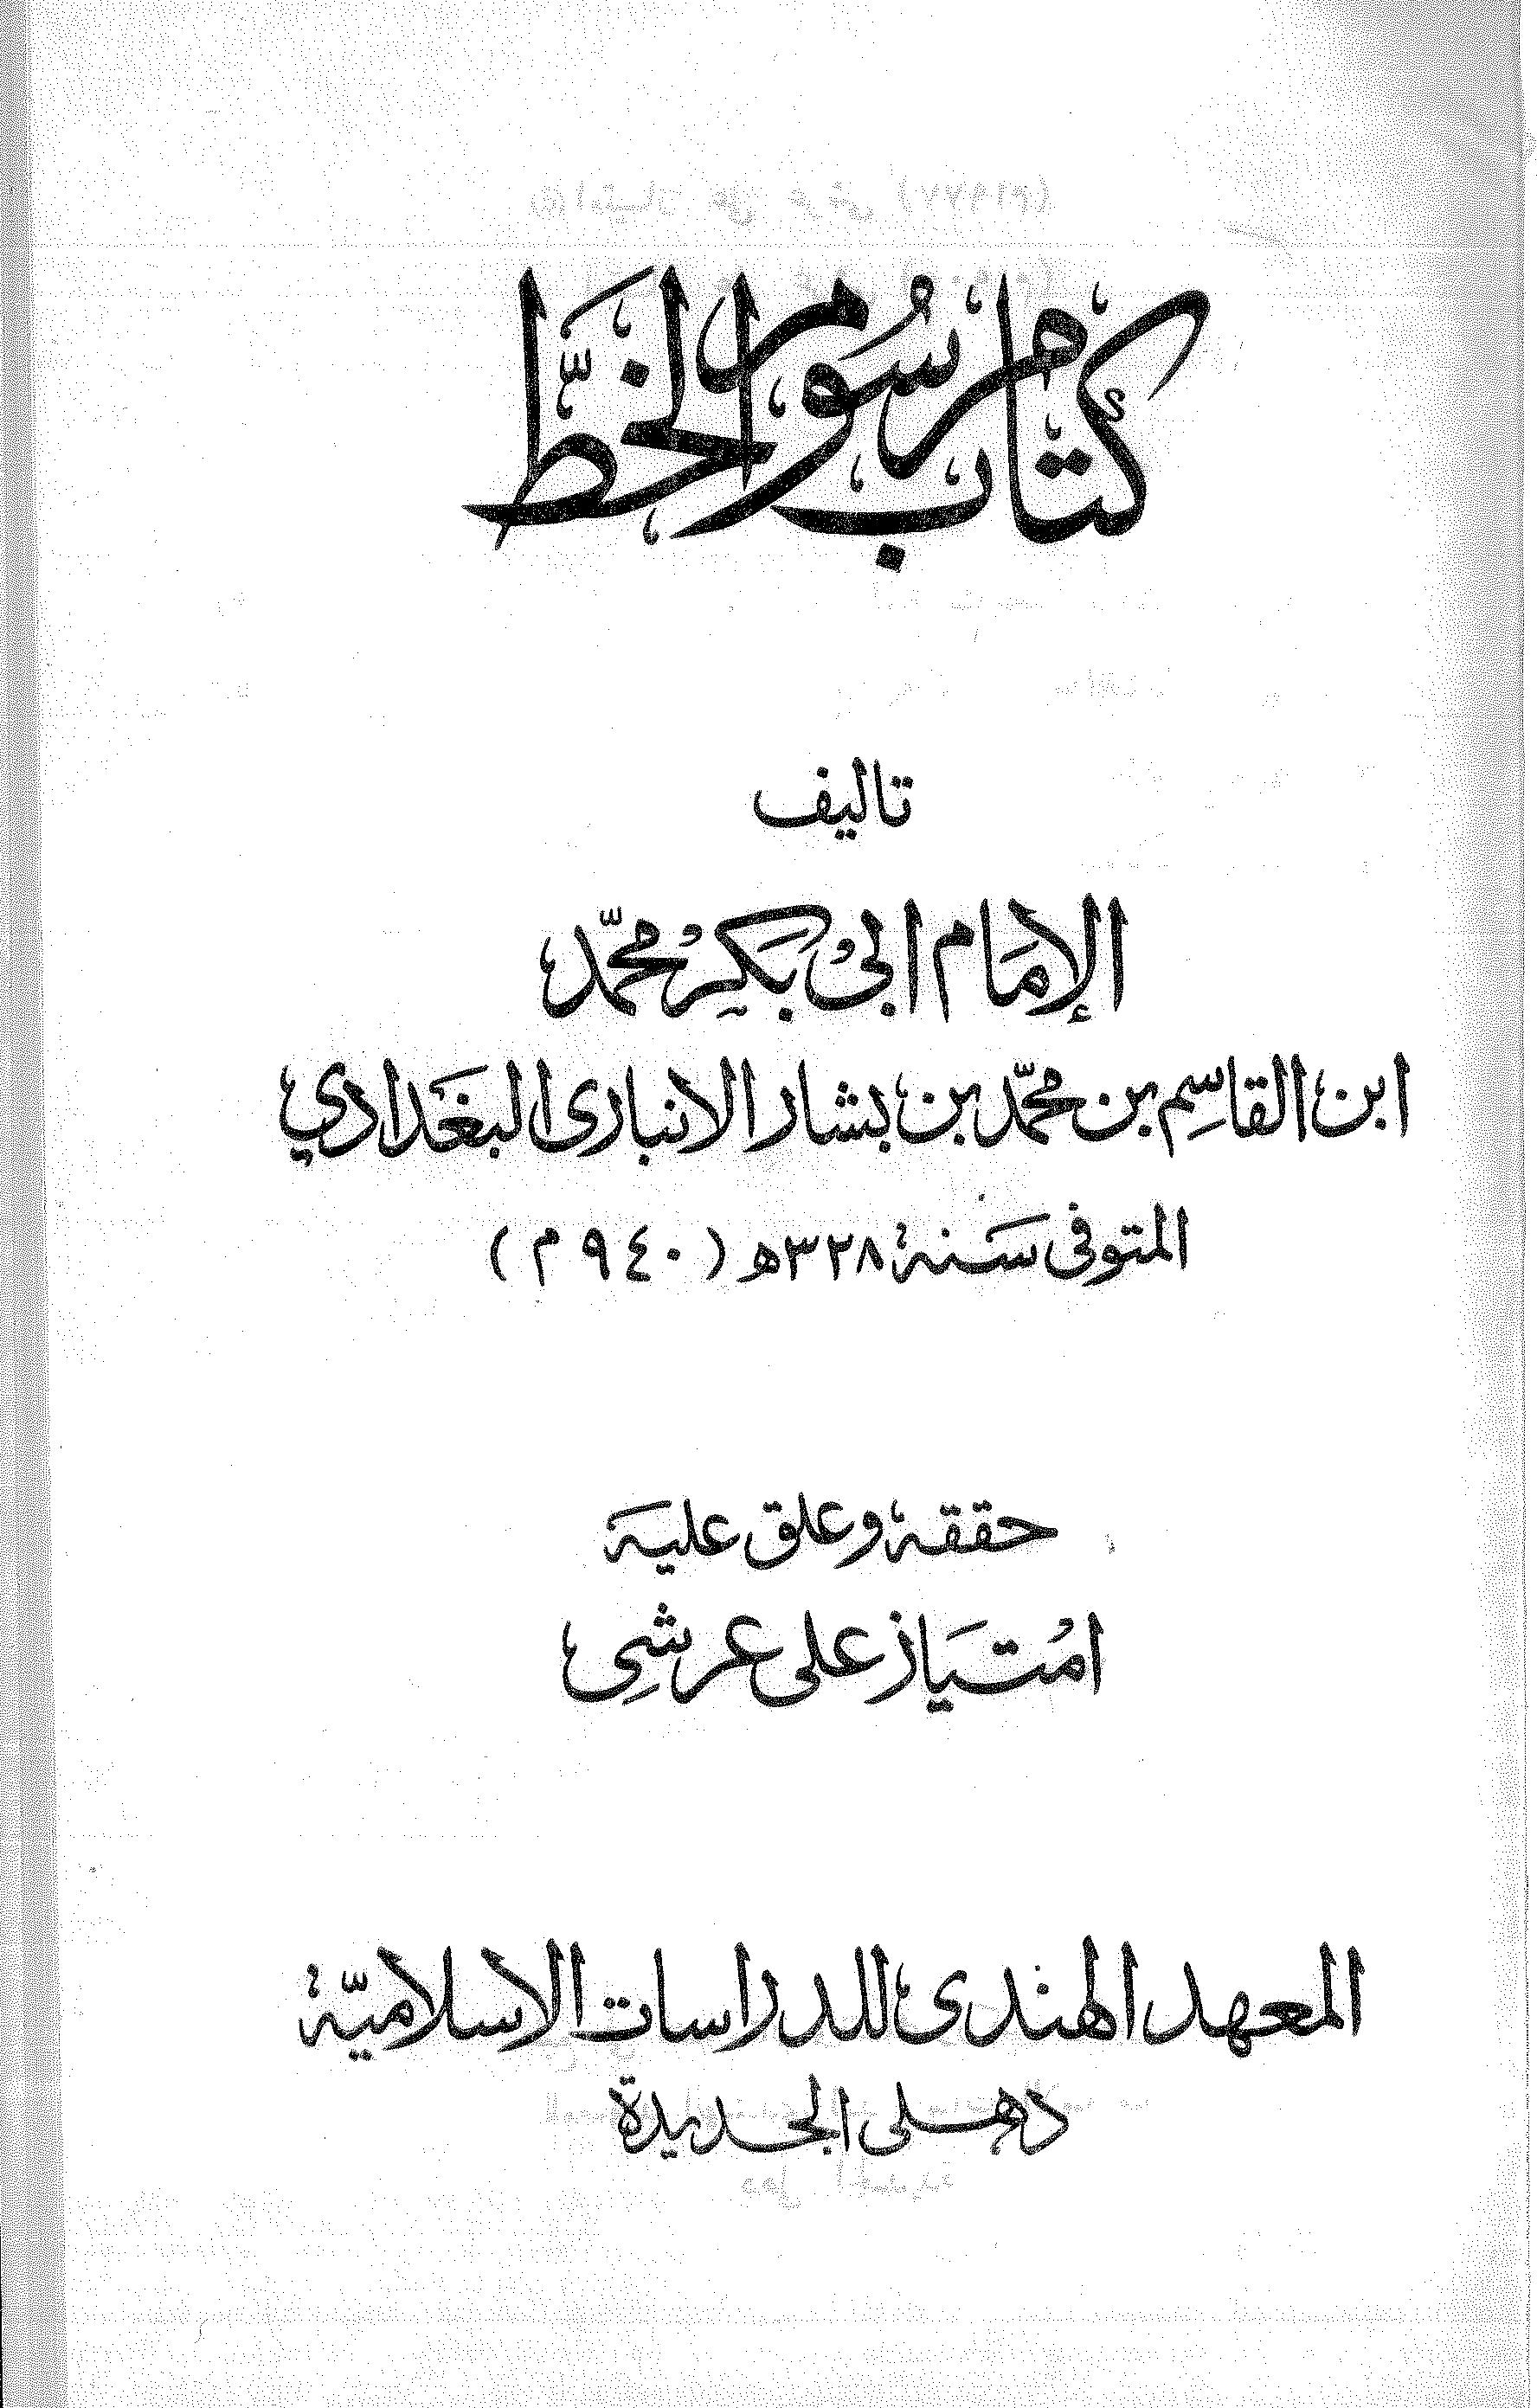 تحميل كتاب مرسوم الخط (ت. امتياز) لـِ: الإمام أبو بكر محمد بن القاسم بن بشار الأنباري (ت 328)